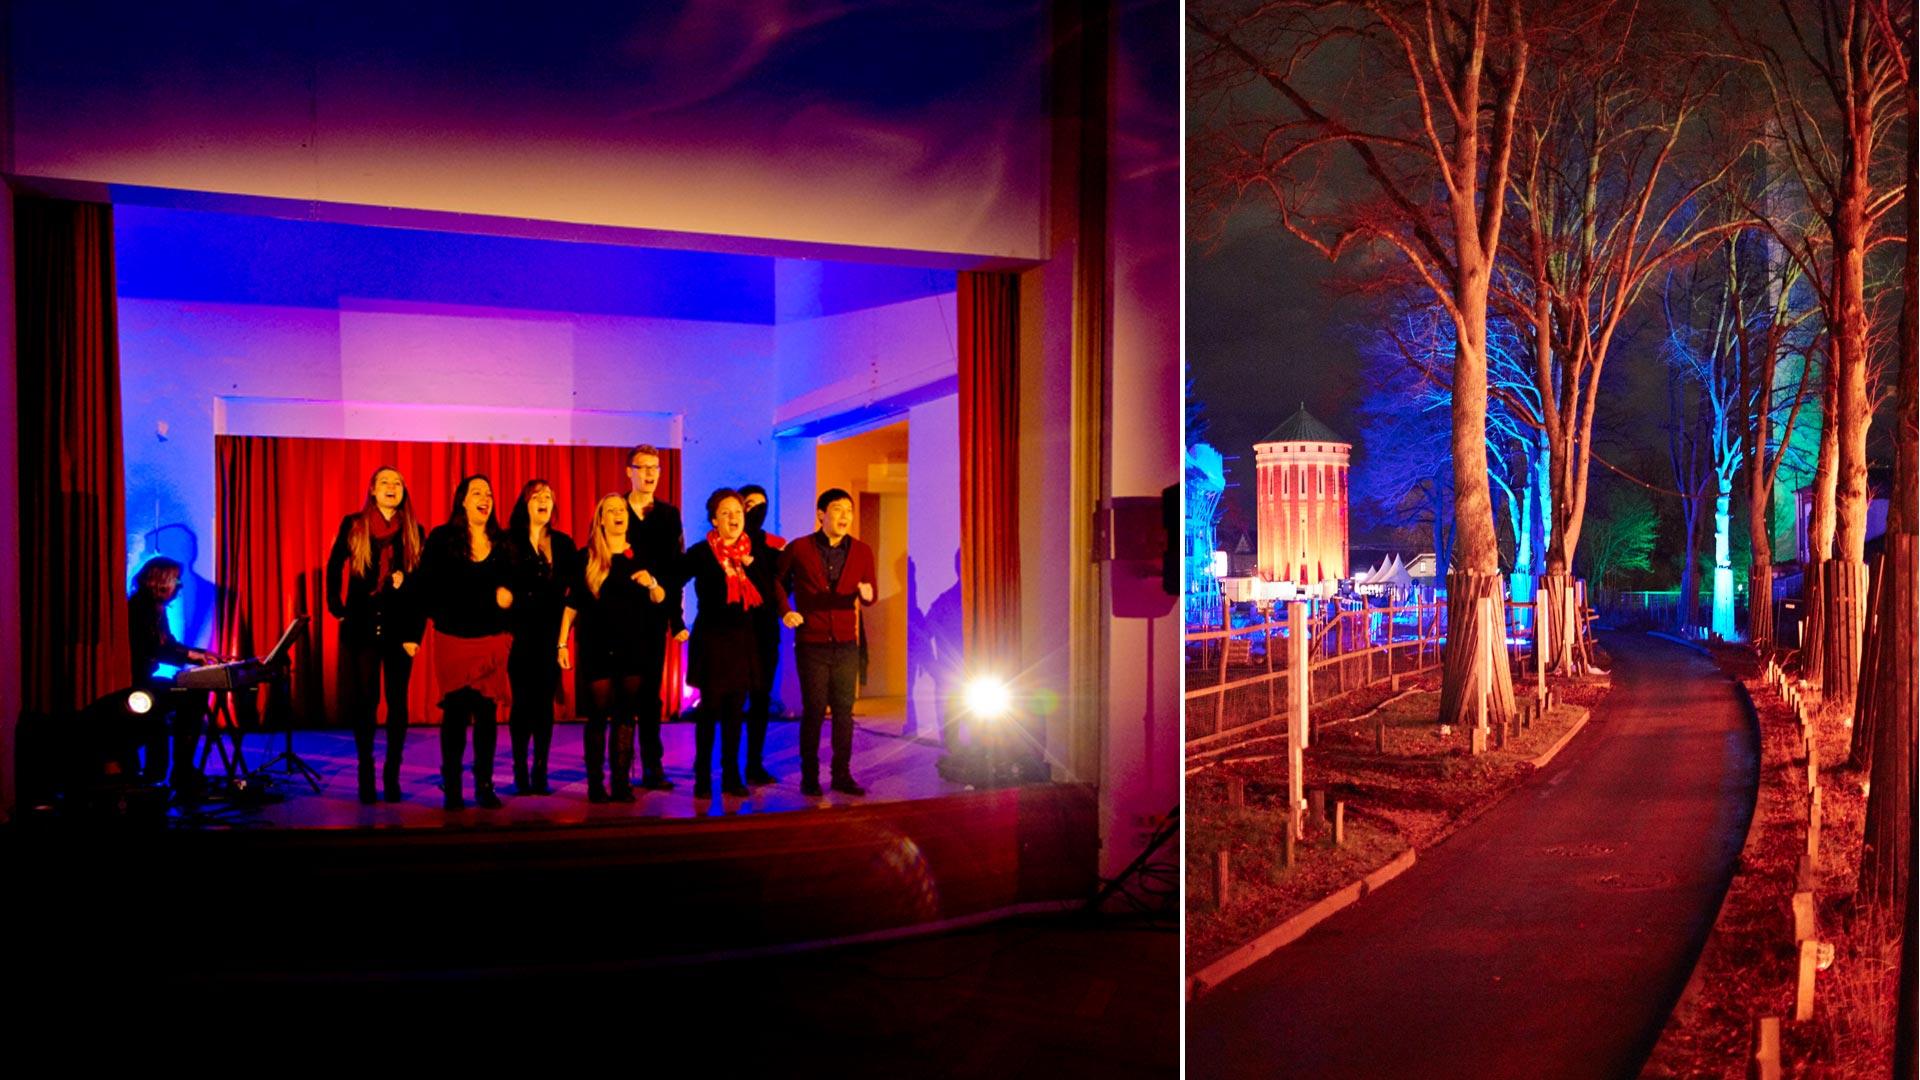 MAASS-Lichtplanung_Lichtevent im Park UNTER DEN LINDEN HAMBURG__MAASS-Lichtzauber-008